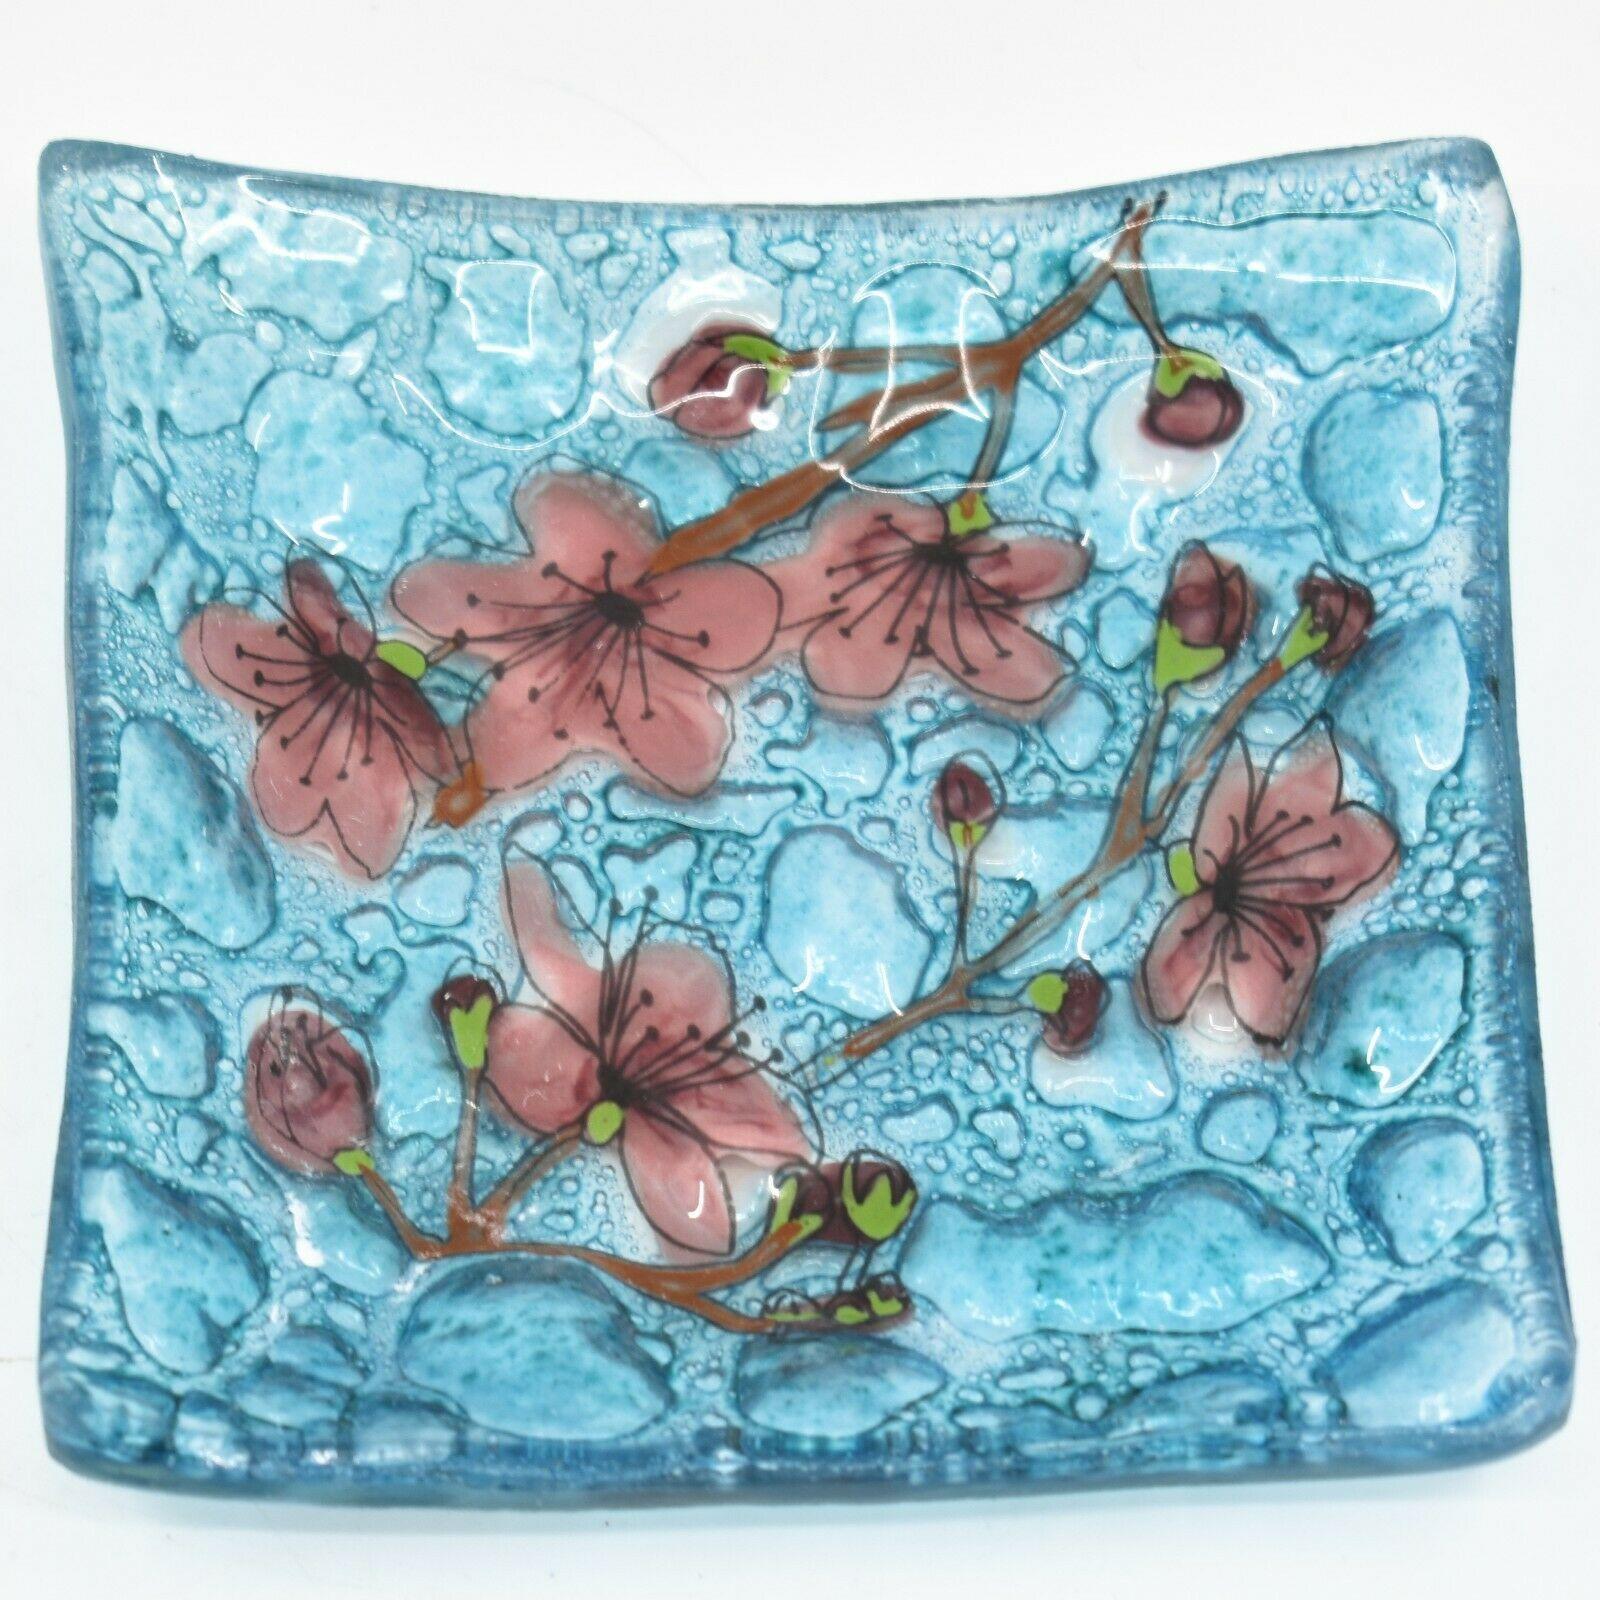 Fused Art Glass Cherry Blossom Flower Design Square Soap Dish Handmade Ecuador